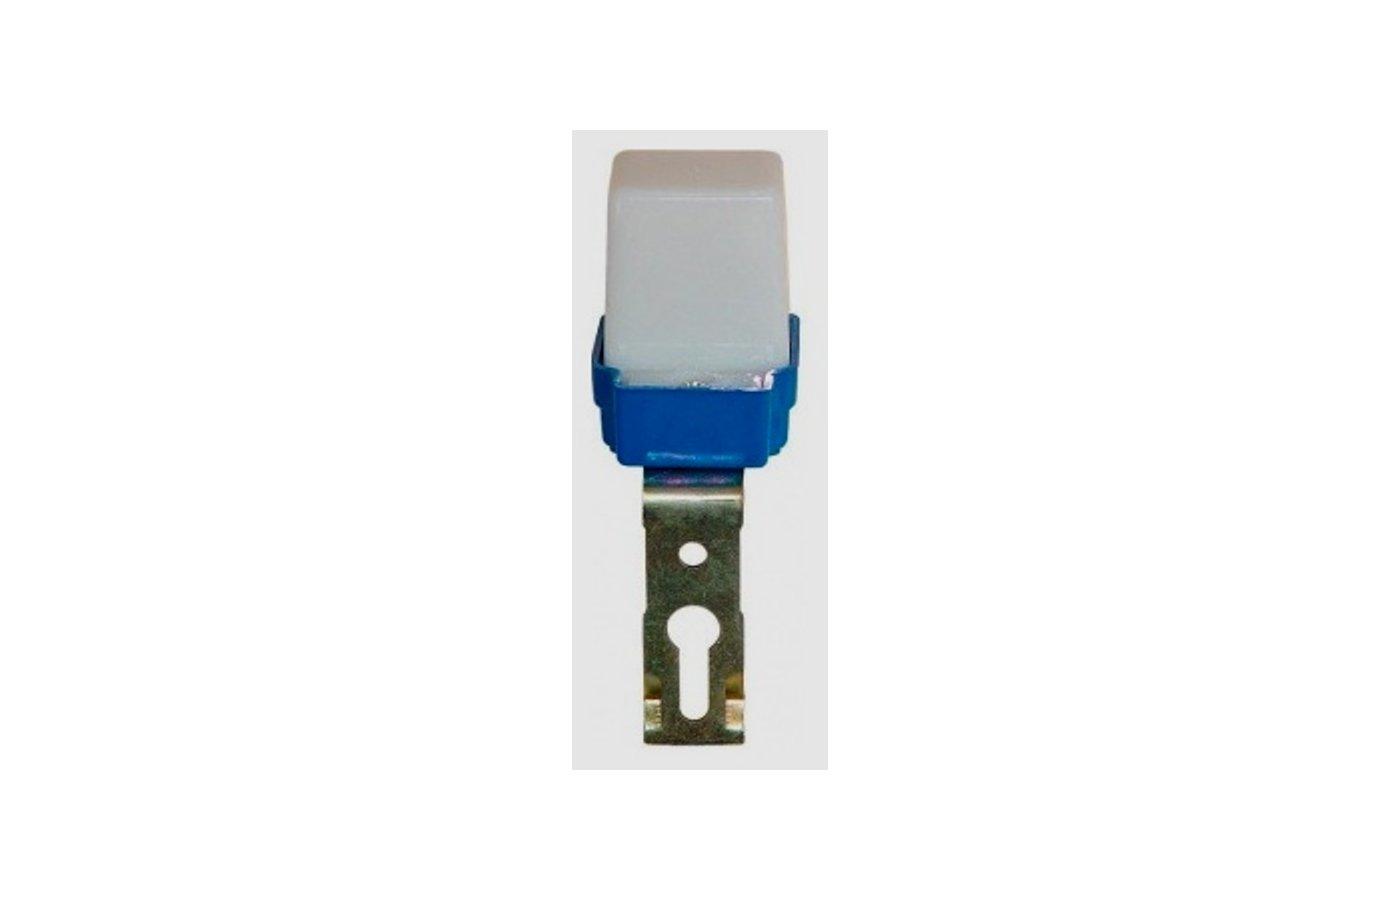 прибор для управления освещением Camelion LXP-01 (Электронный фотосенсор включения освещения, 1400Вт) (